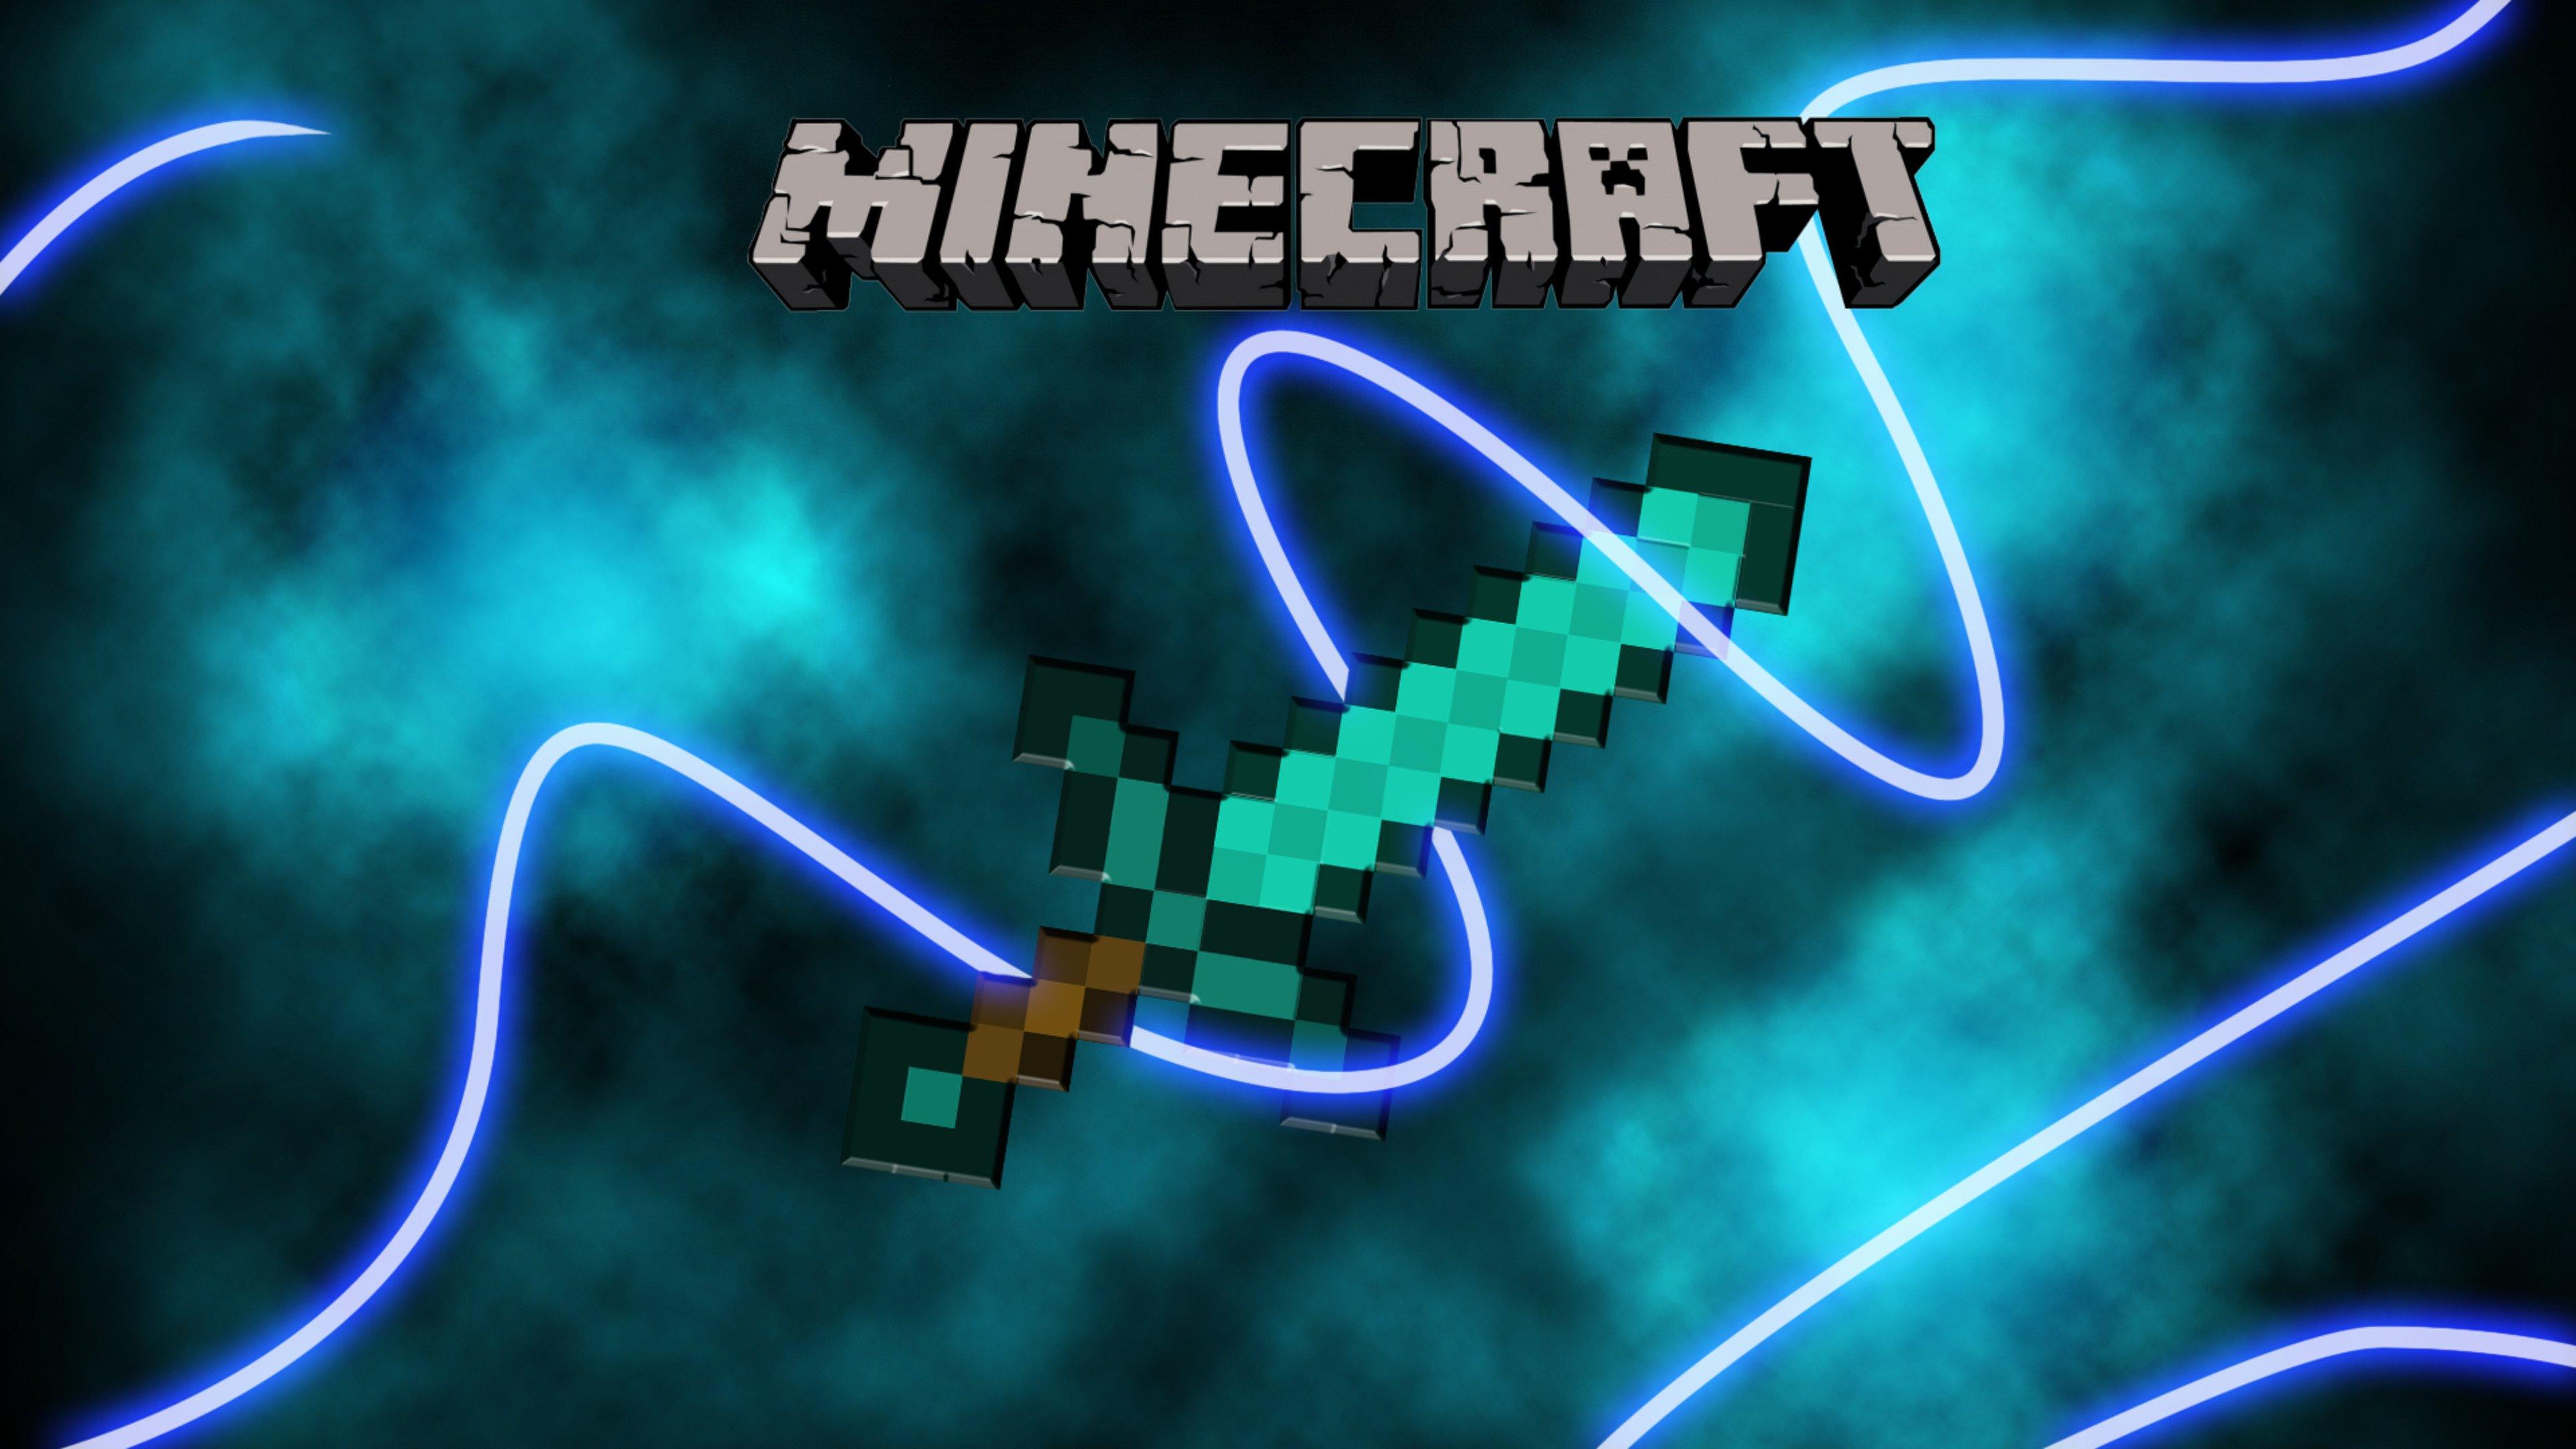 Diamond Sword Minecraft Wallpaper 4k Ultra Hd Id 3412